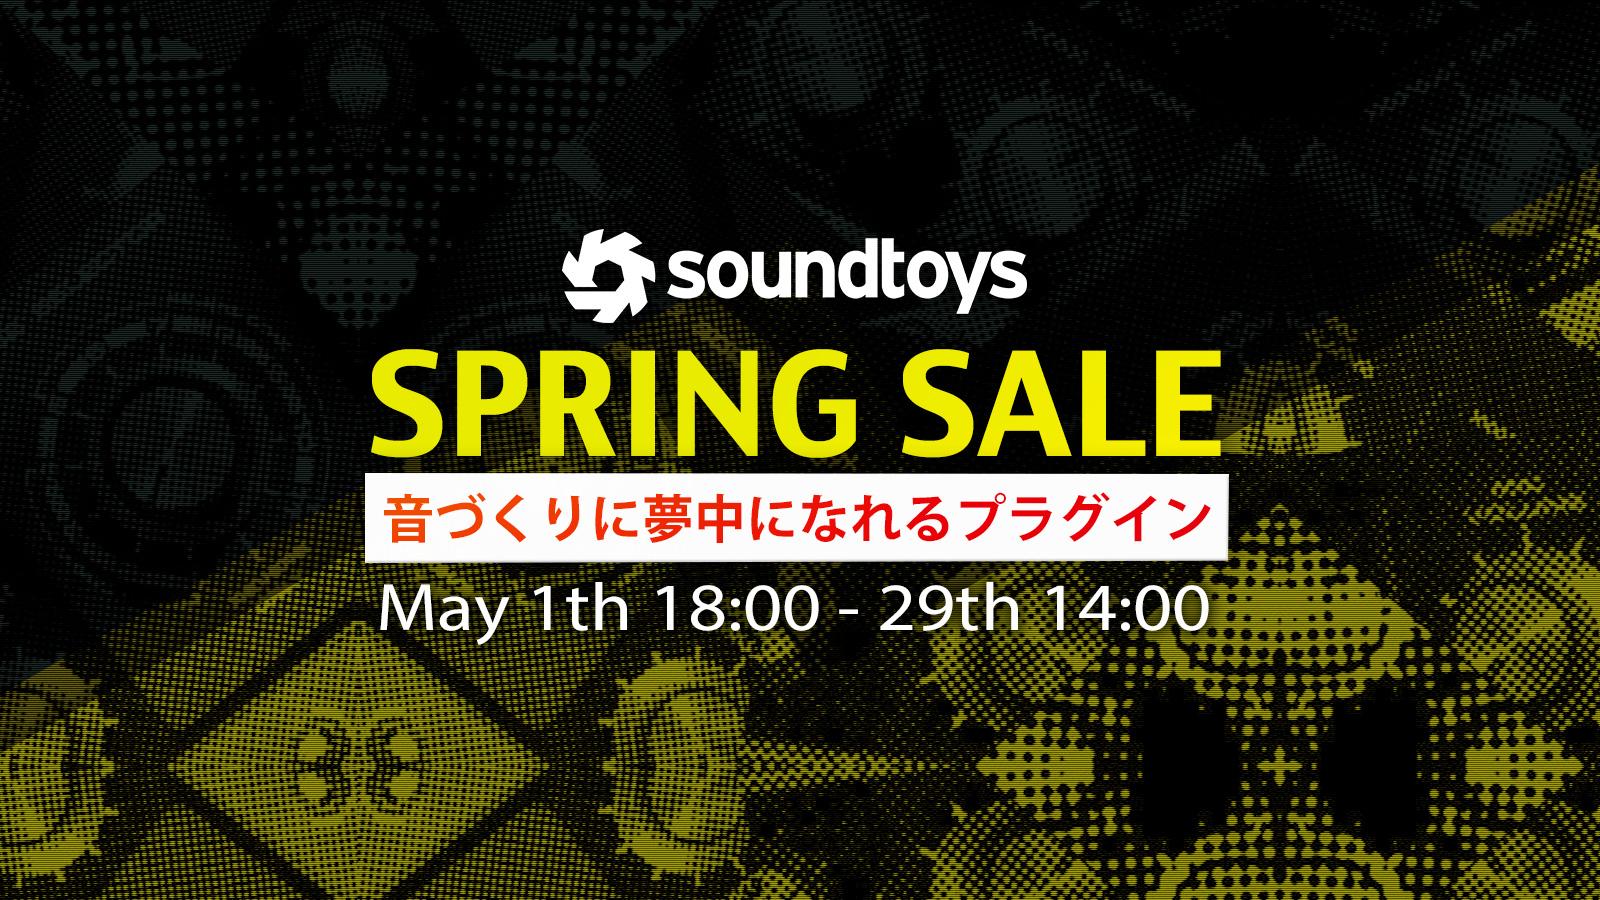 【最大84%OFF】Sound Toys 全品対象のスプリングセール開催!